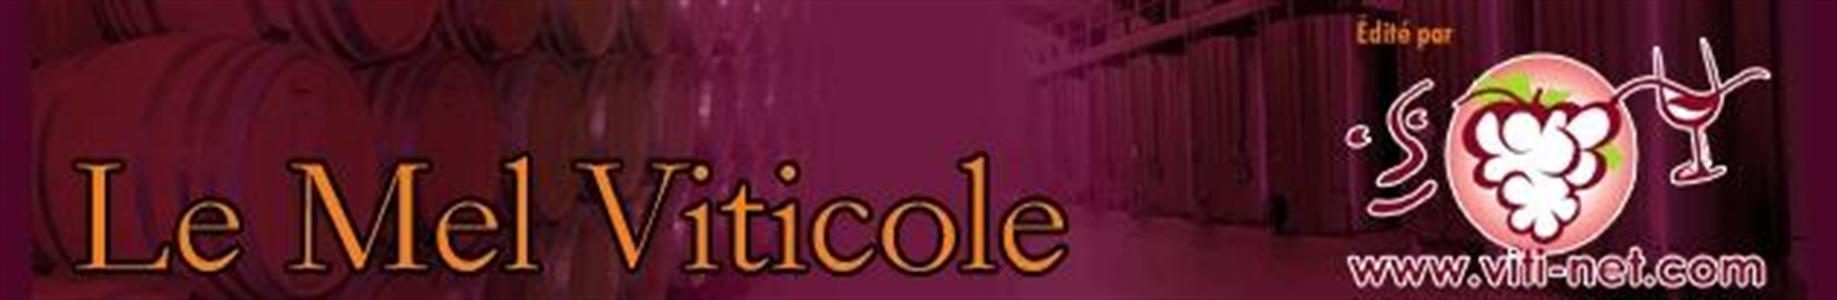 Le Mel Viticole : recevez deux fois par mois l'essentiel des informations viticoles et vinicoles [GRATUIT]